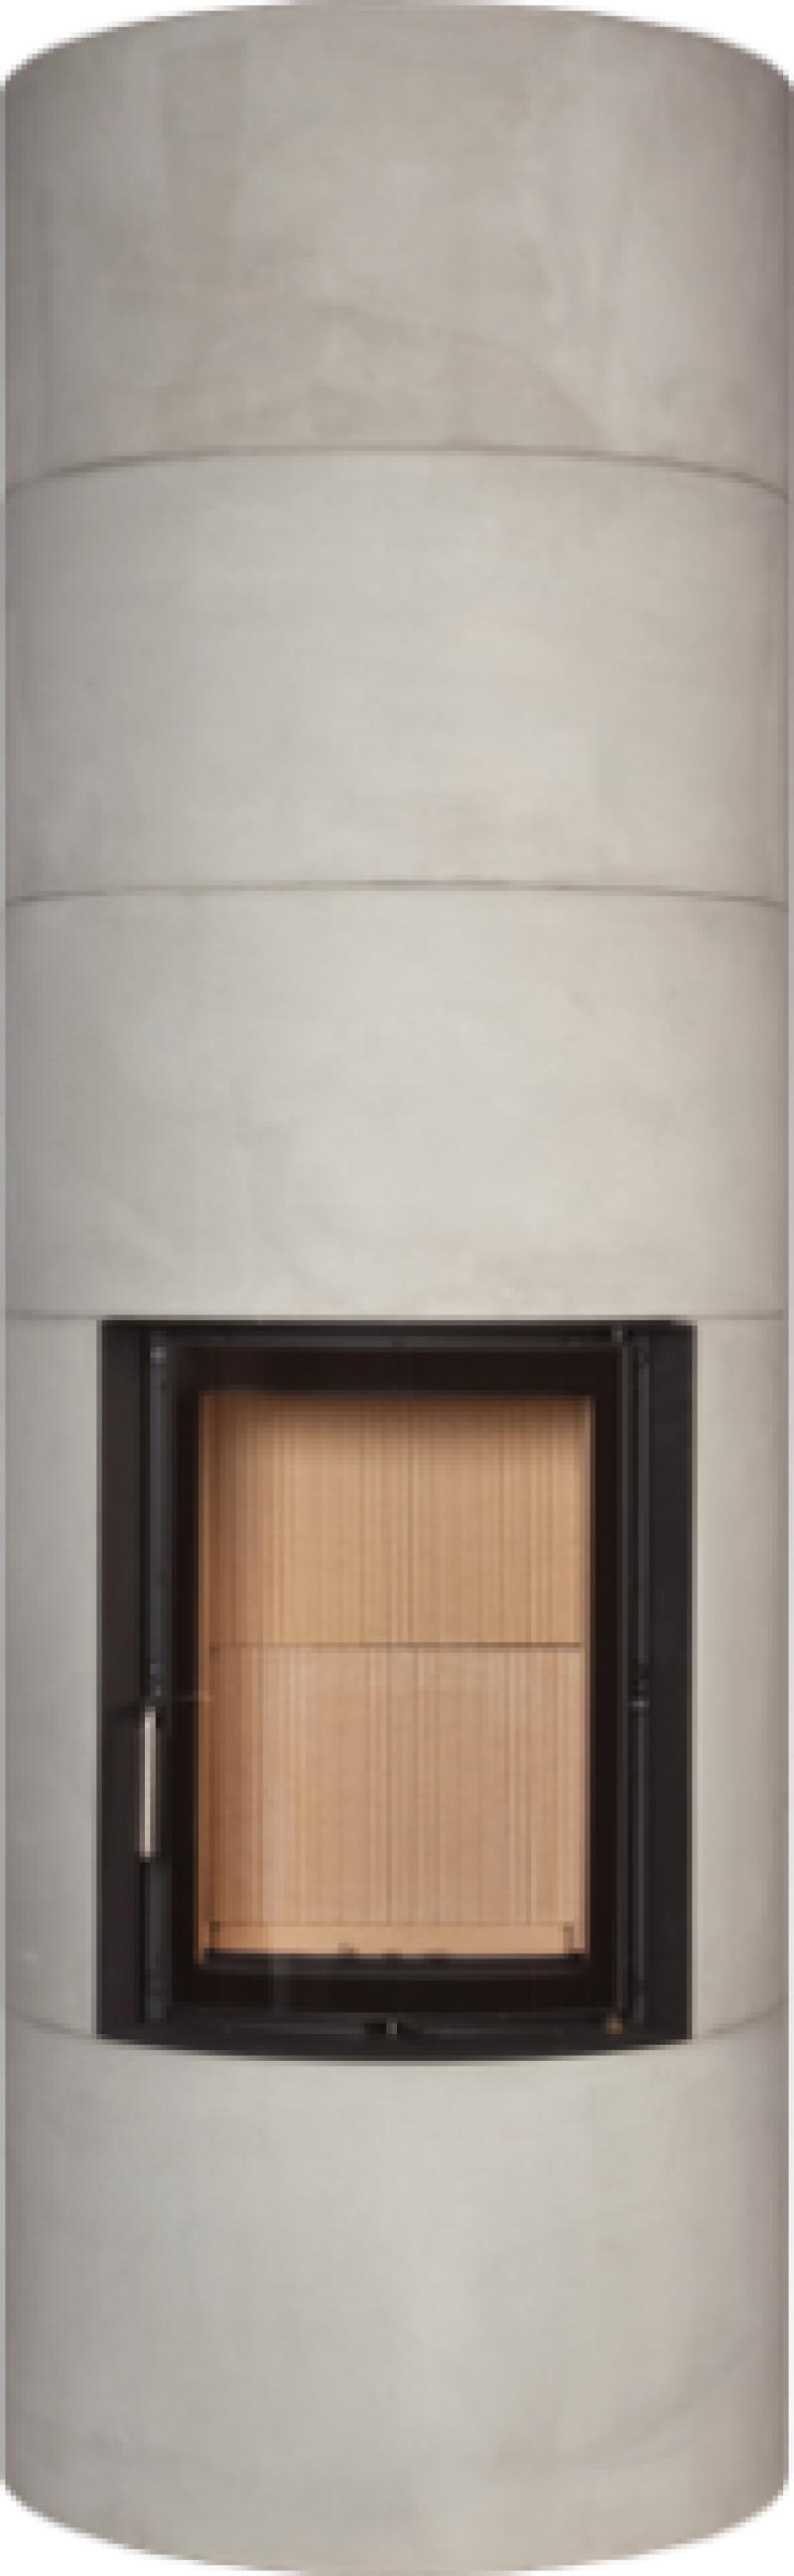 Brunner - Systémová pec BSO 01 s oblúkovým otváracím presklením, nerezový nasúvací rám - 7 kW (kópia~1)